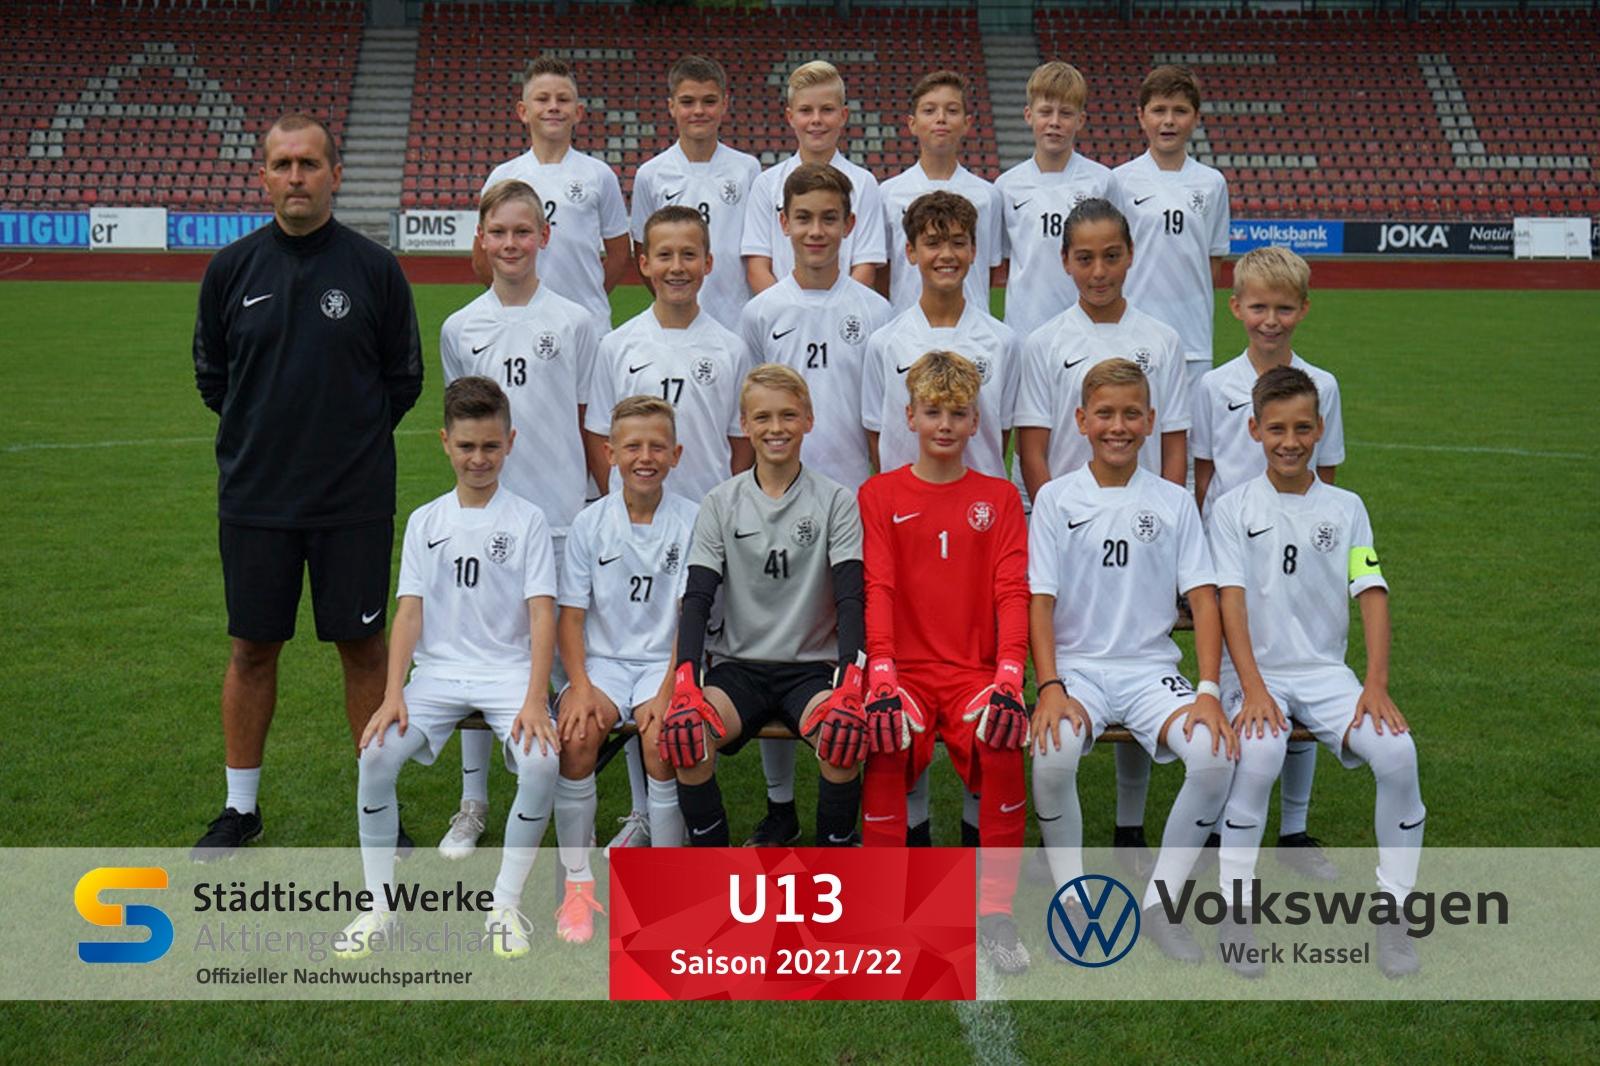 U13 Mannschaft 2021_22